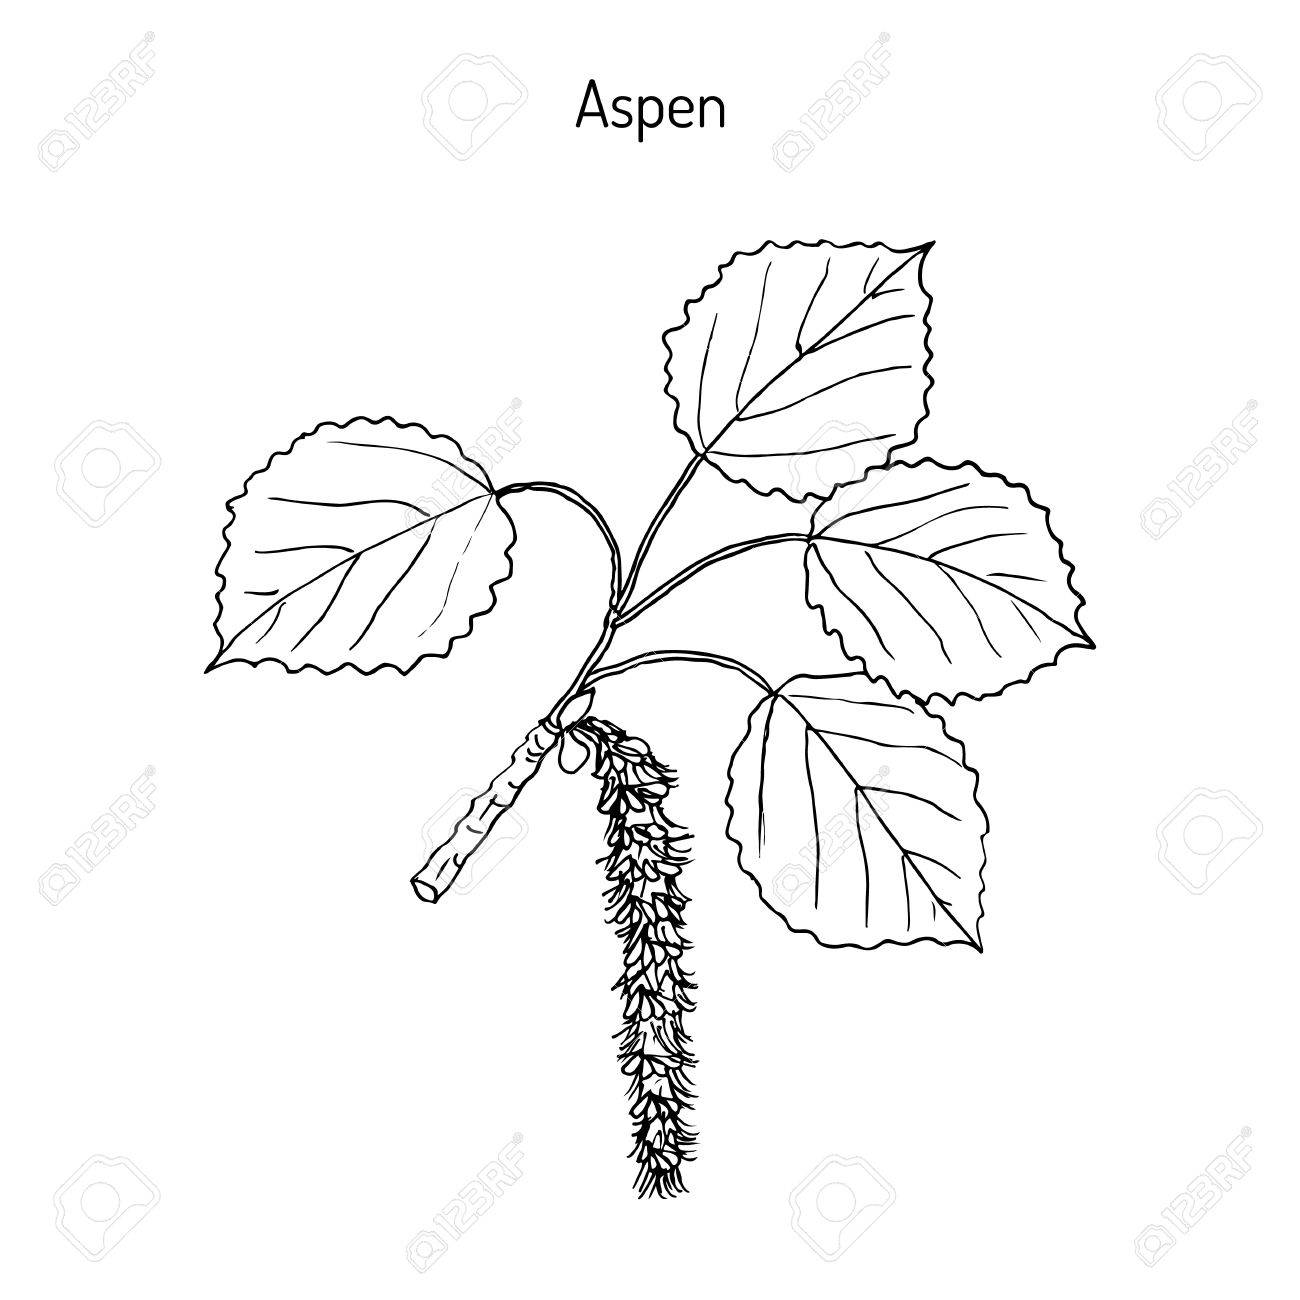 Aspen (Populus tremula), or common aspen, Eurasian aspen, European aspen, quaking aspen. Hand drawn botanical vector illustration - 73691842